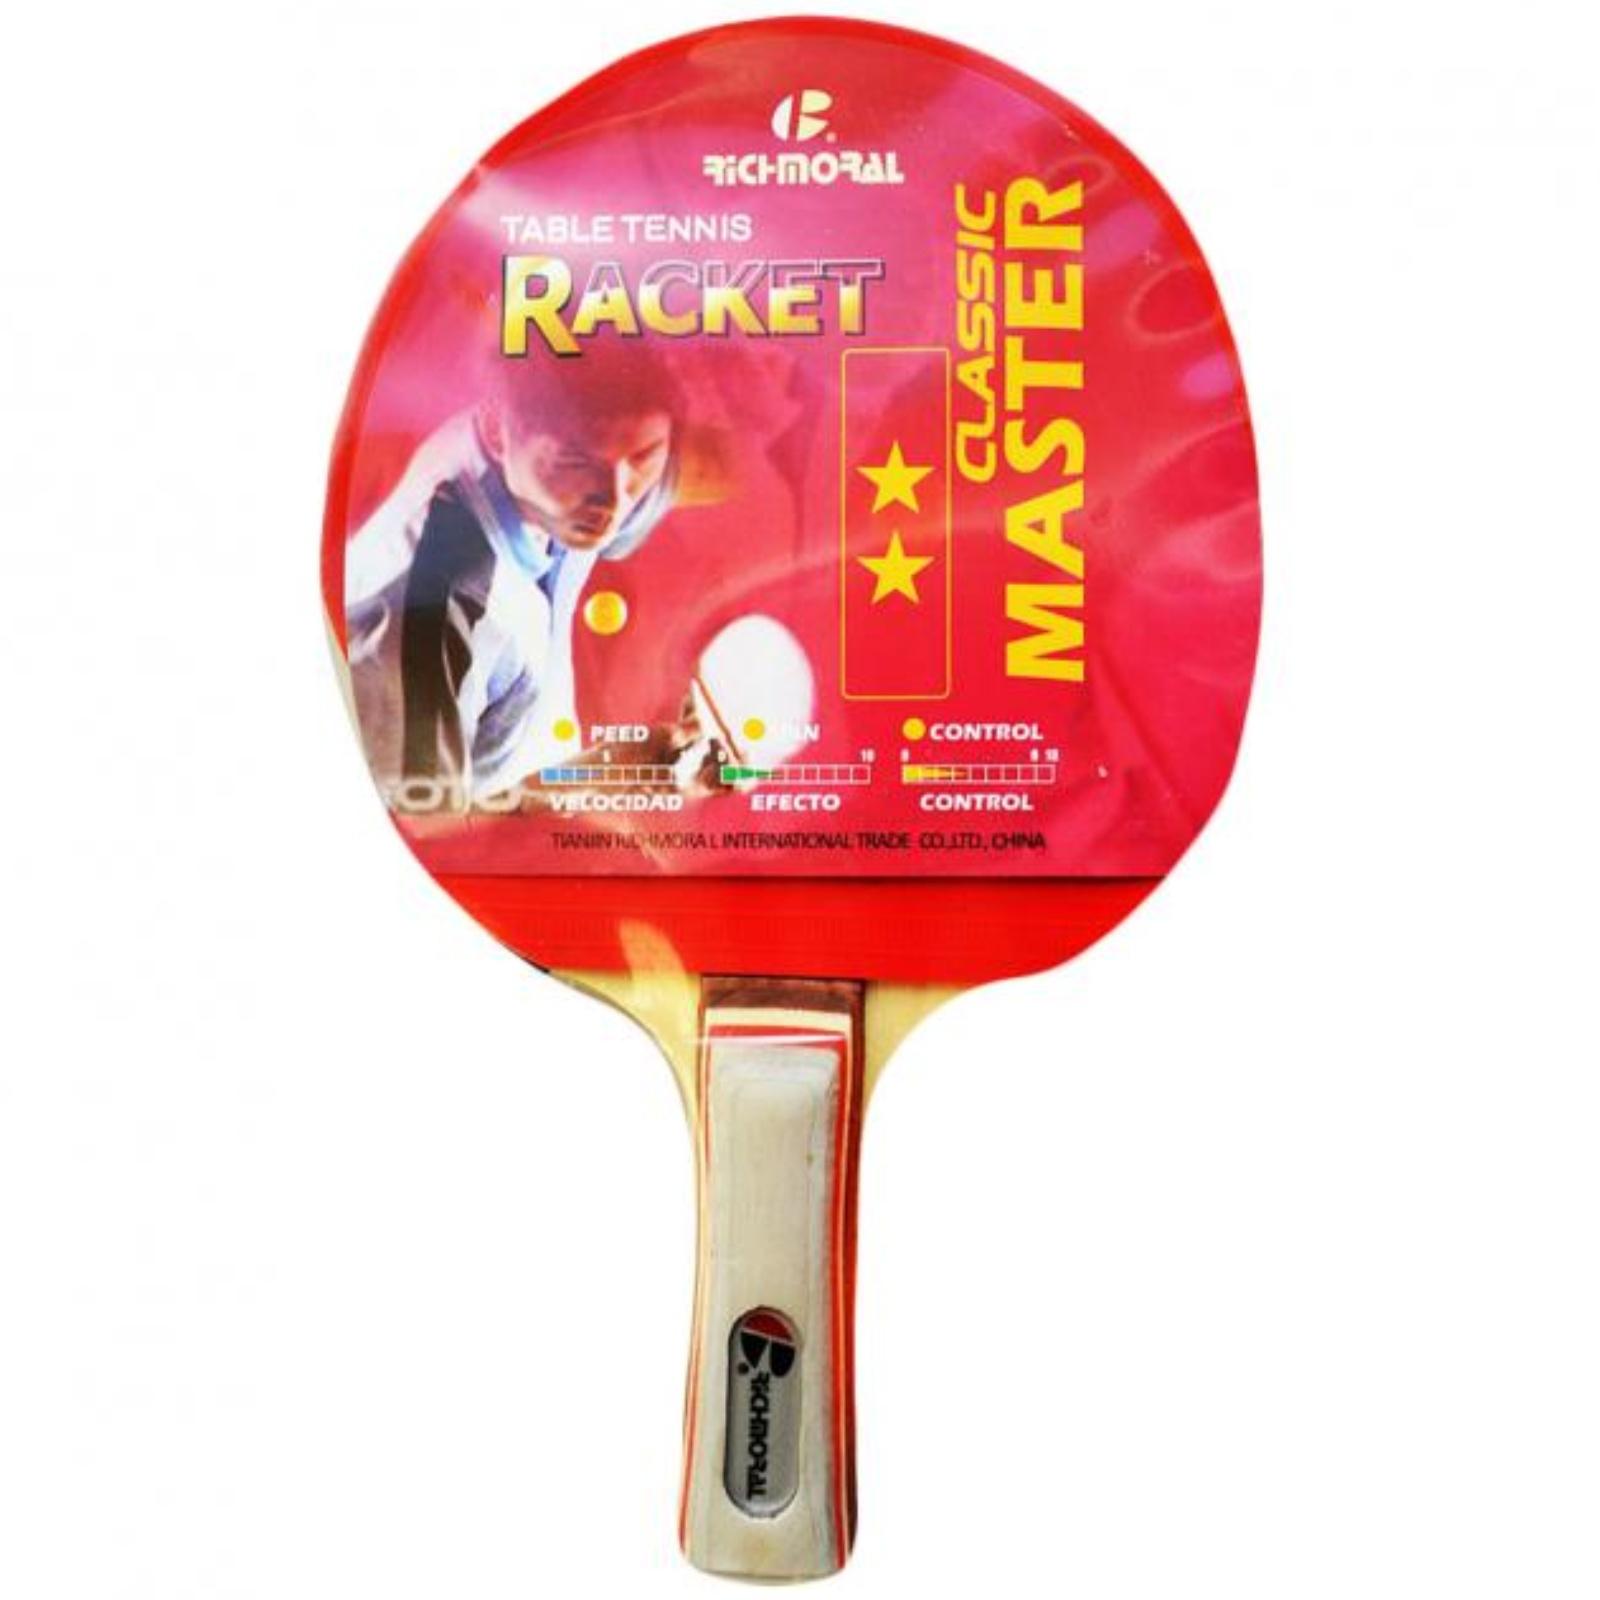 Pálka na stolní tenis RICHMORAL Master ** DB105